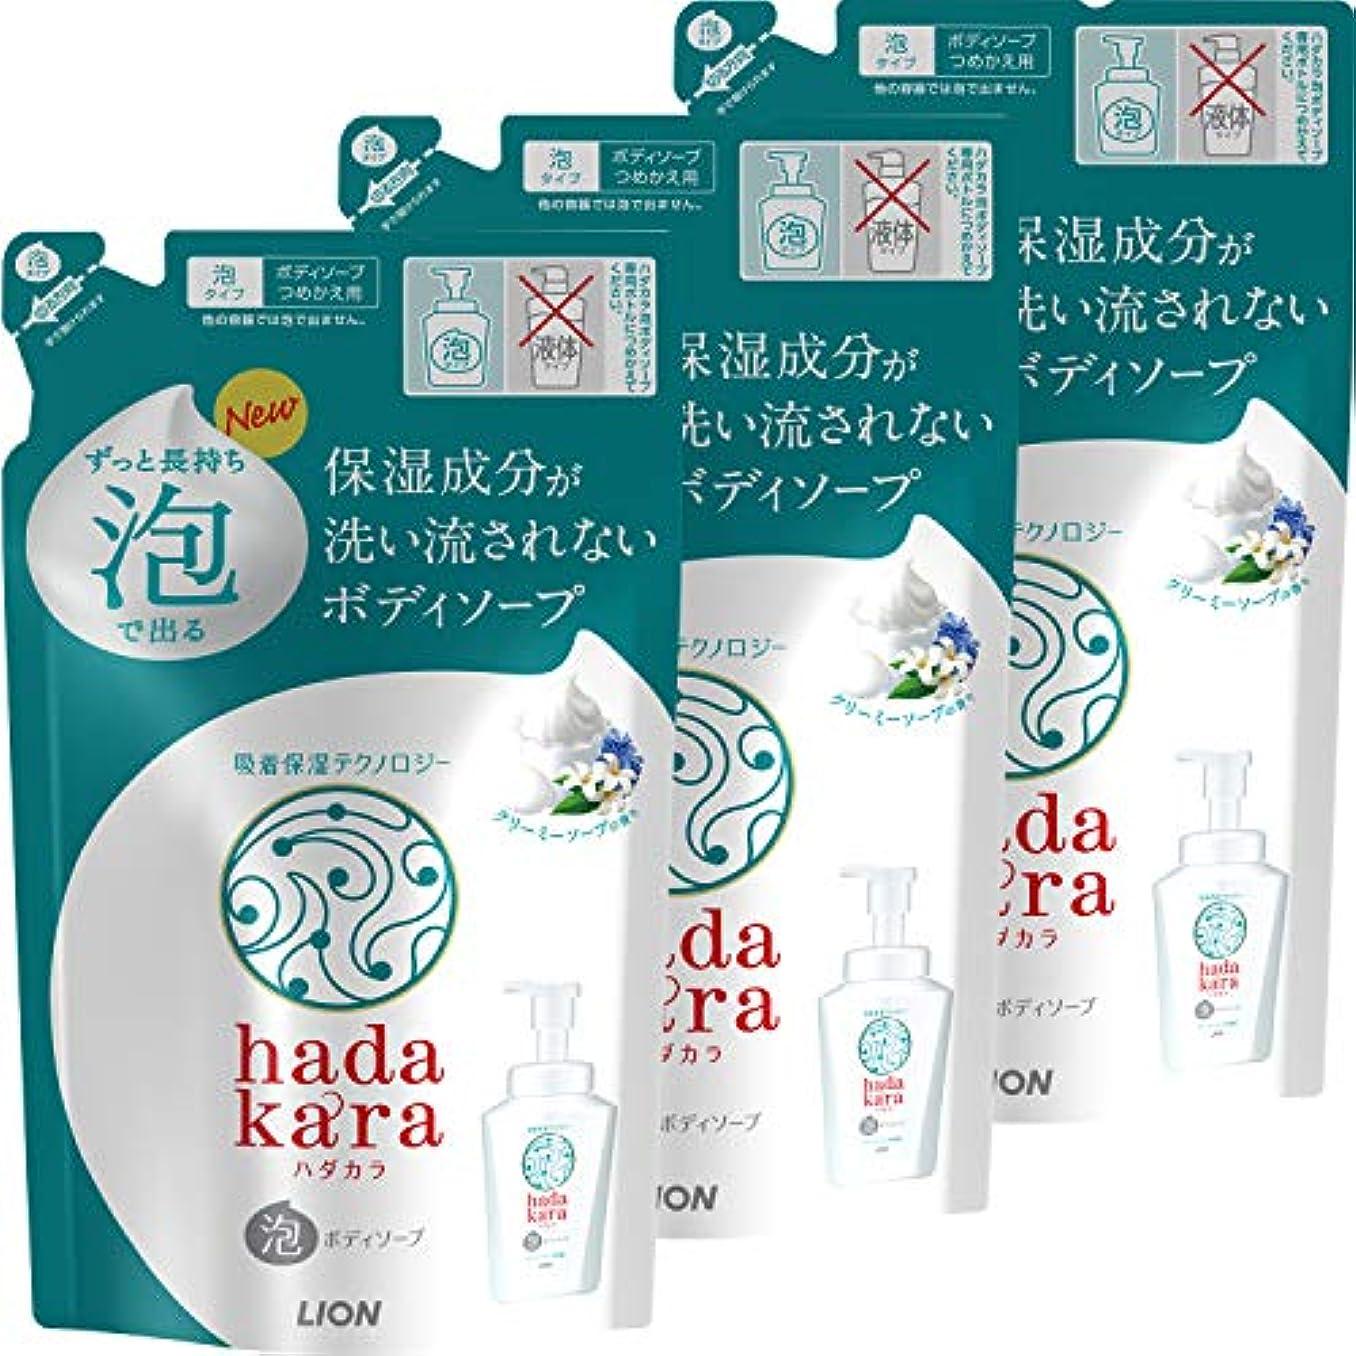 挑発するスコットランド人破壊するhadakara(ハダカラ) ボディソープ 泡タイプ クリーミーソープの香り 詰替440ml×3個